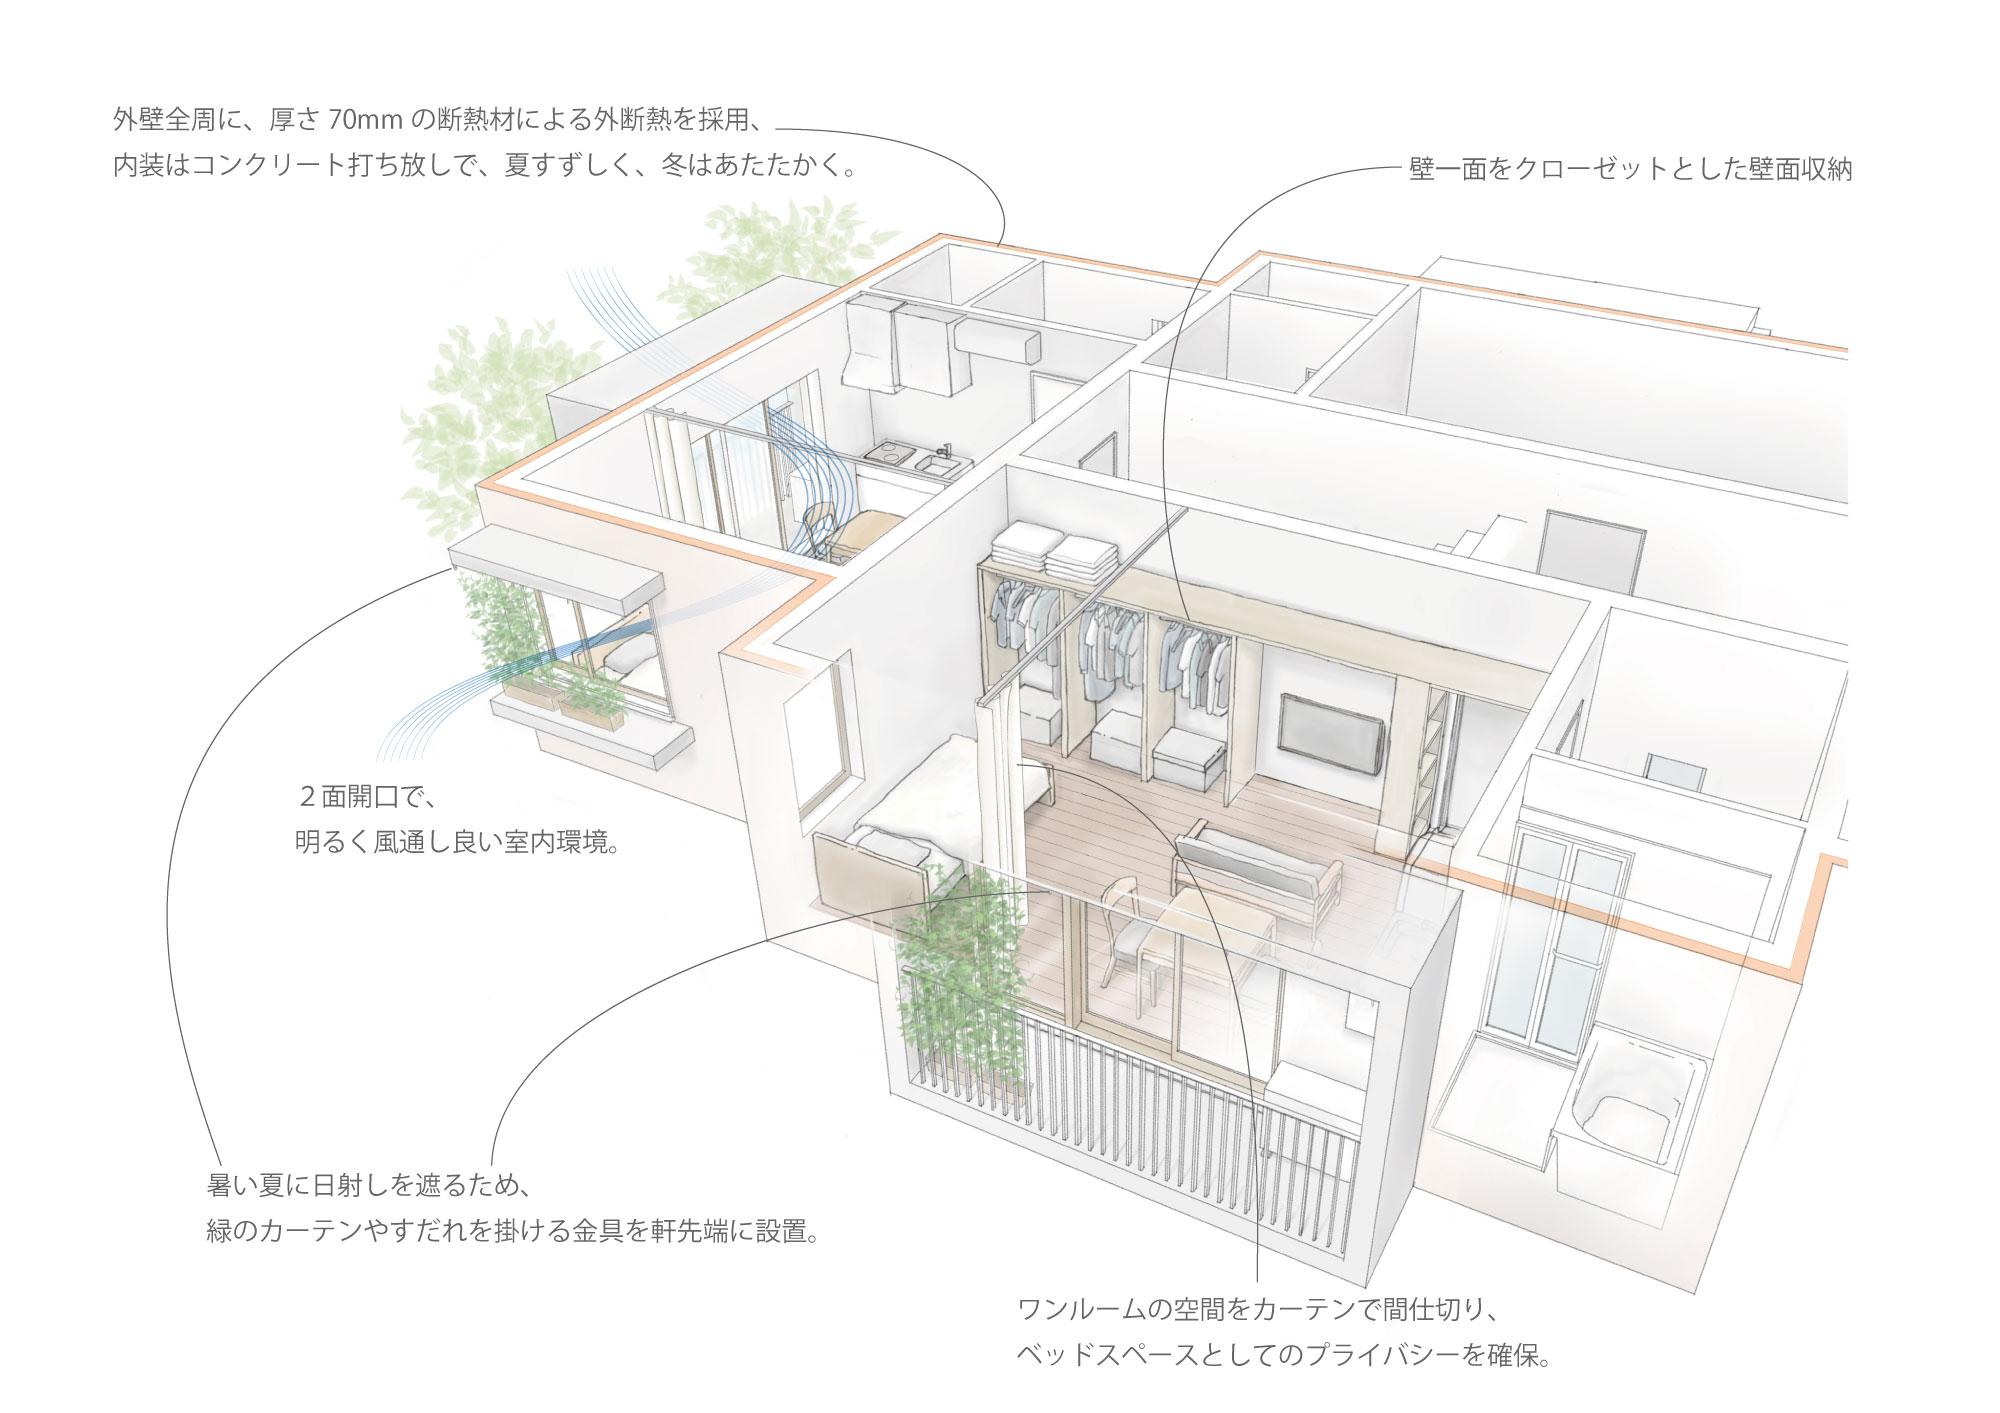 160211_nakano_inside